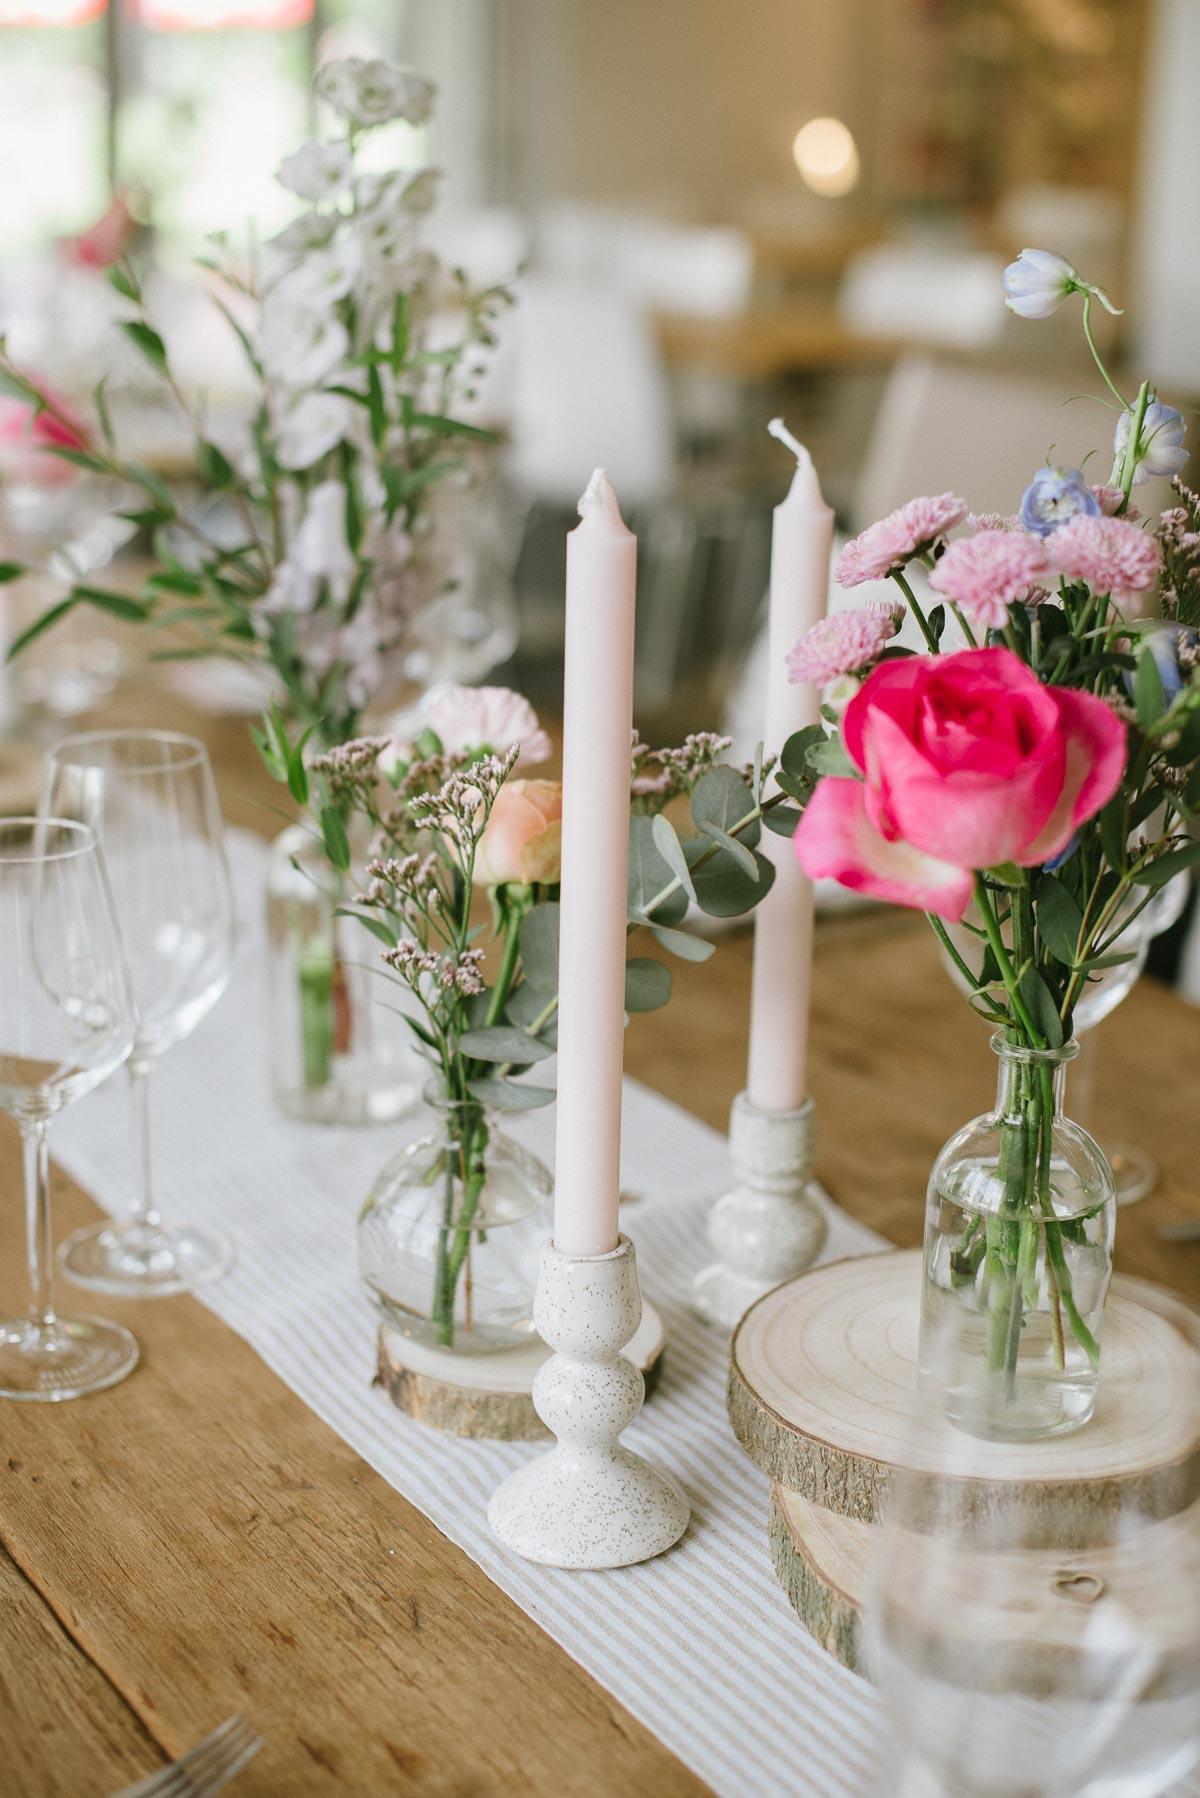 Vom Tisch Zur Tafel Diese 5 Basics Gehoren Zu Jeder Tischdeko Fraulein K Sagt Ja Hochzeitsblog